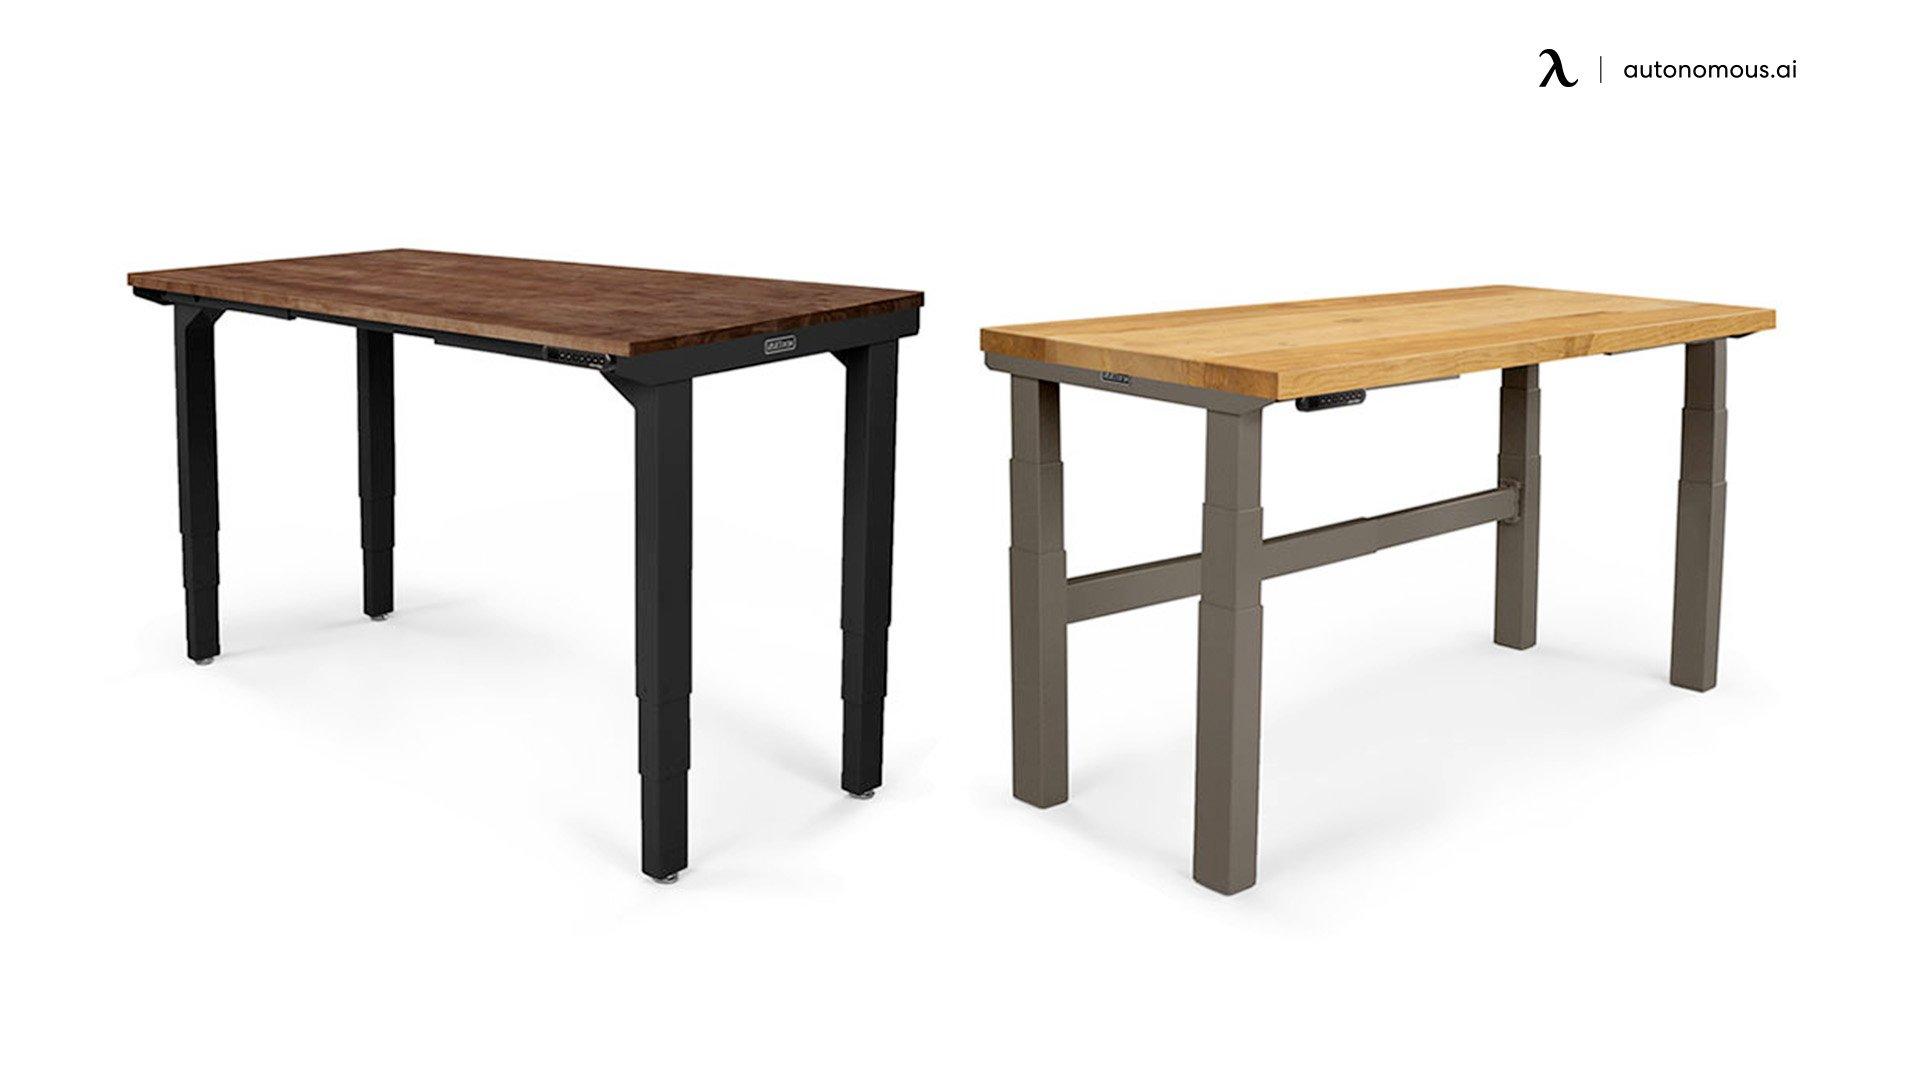 Uplift V2 4-Leg Standing Desk